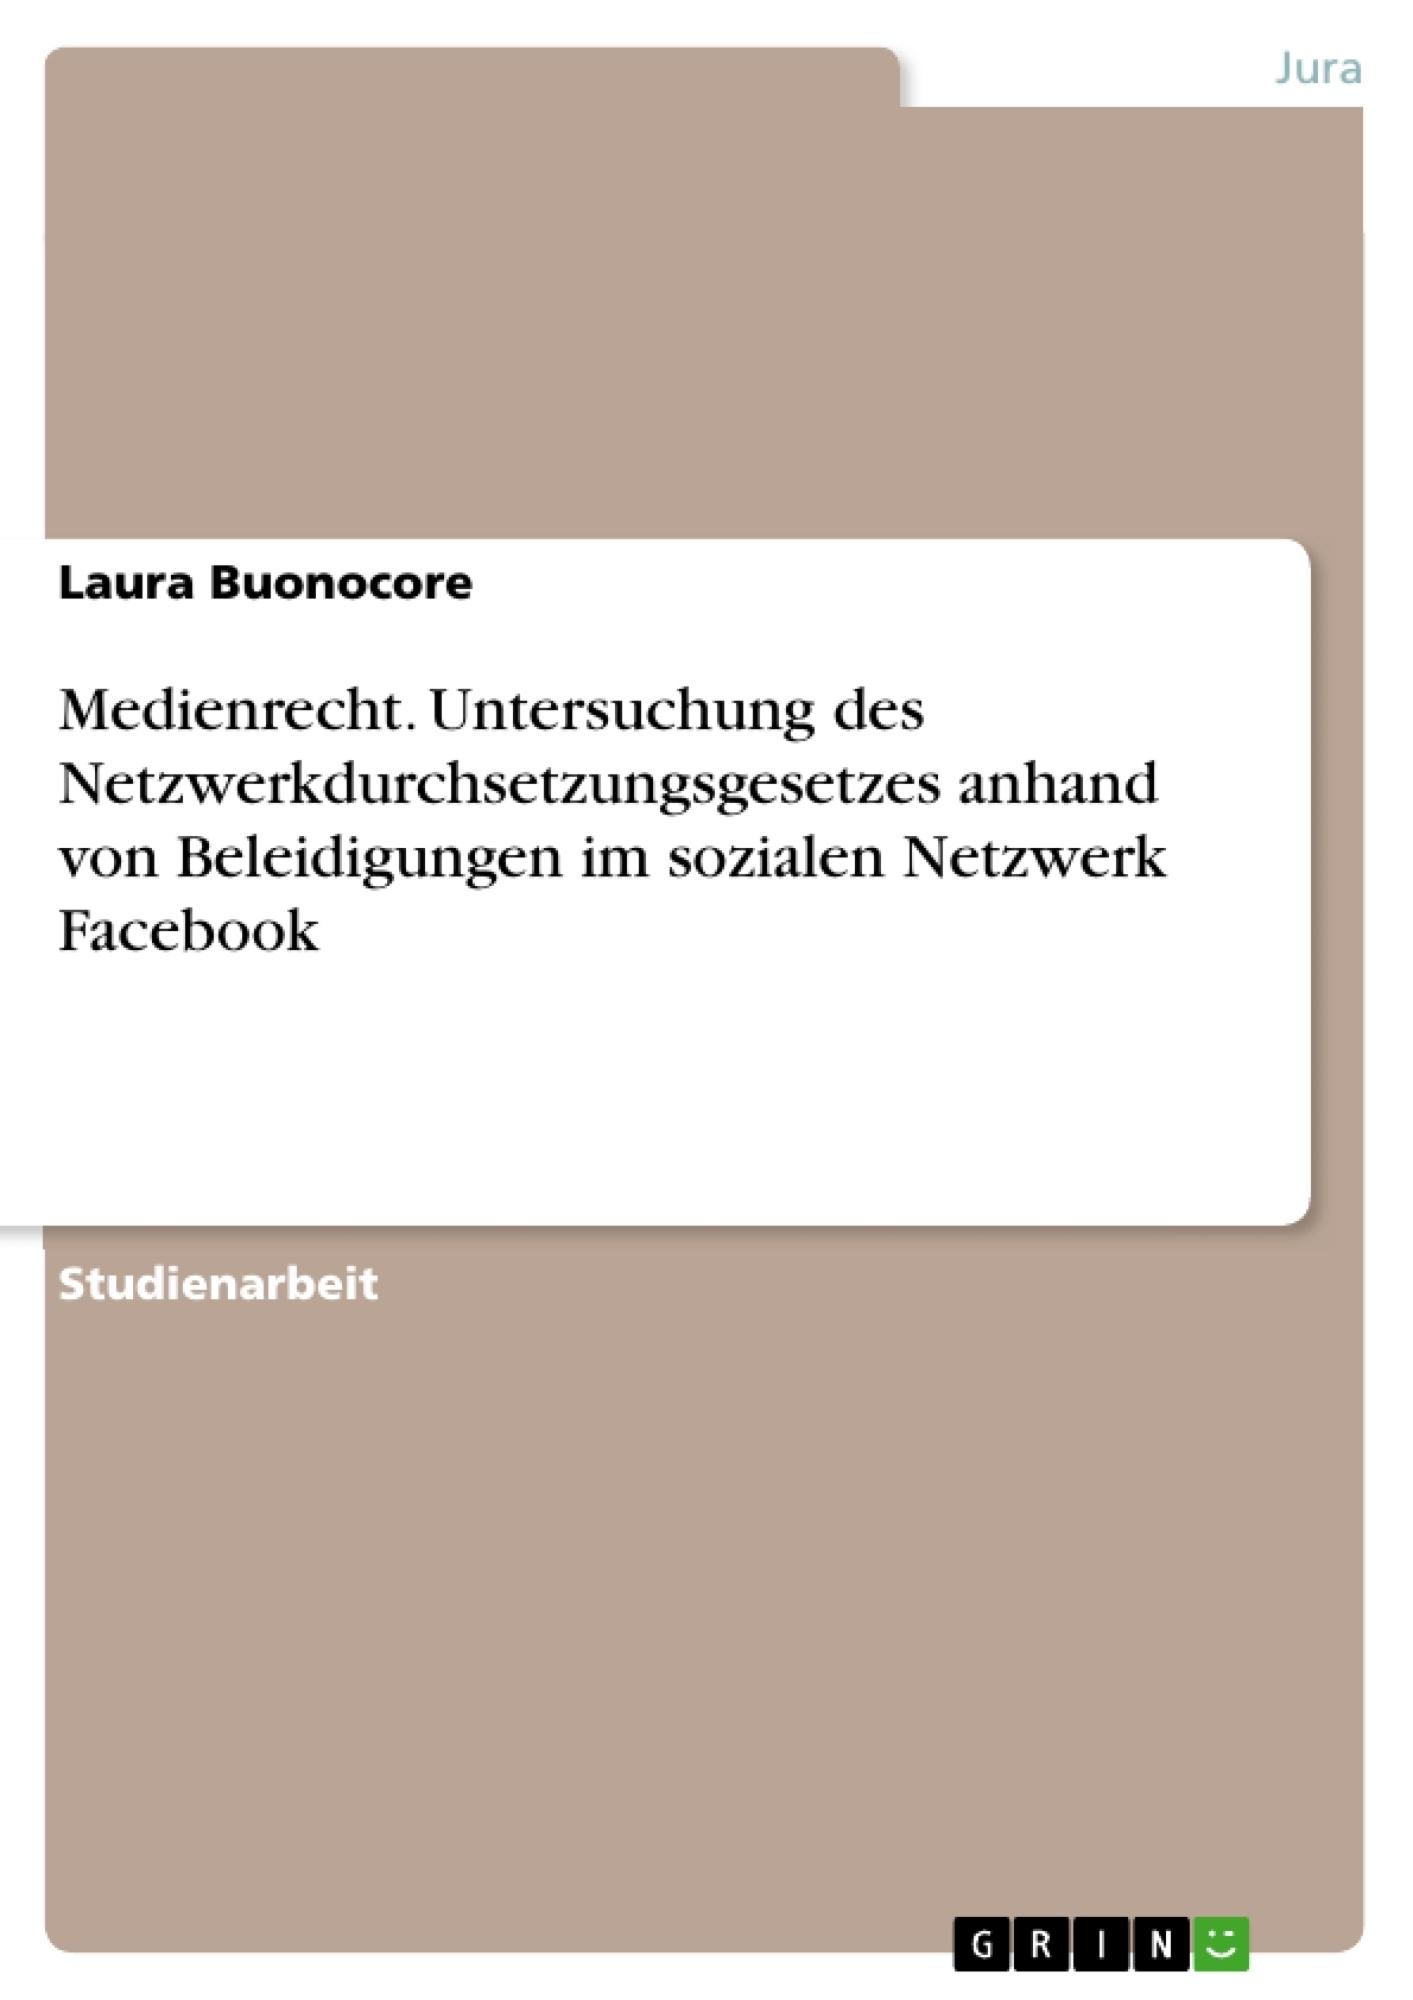 Titel: Medienrecht. Untersuchung des Netzwerkdurchsetzungsgesetzes anhand von Beleidigungen im sozialen Netzwerk Facebook